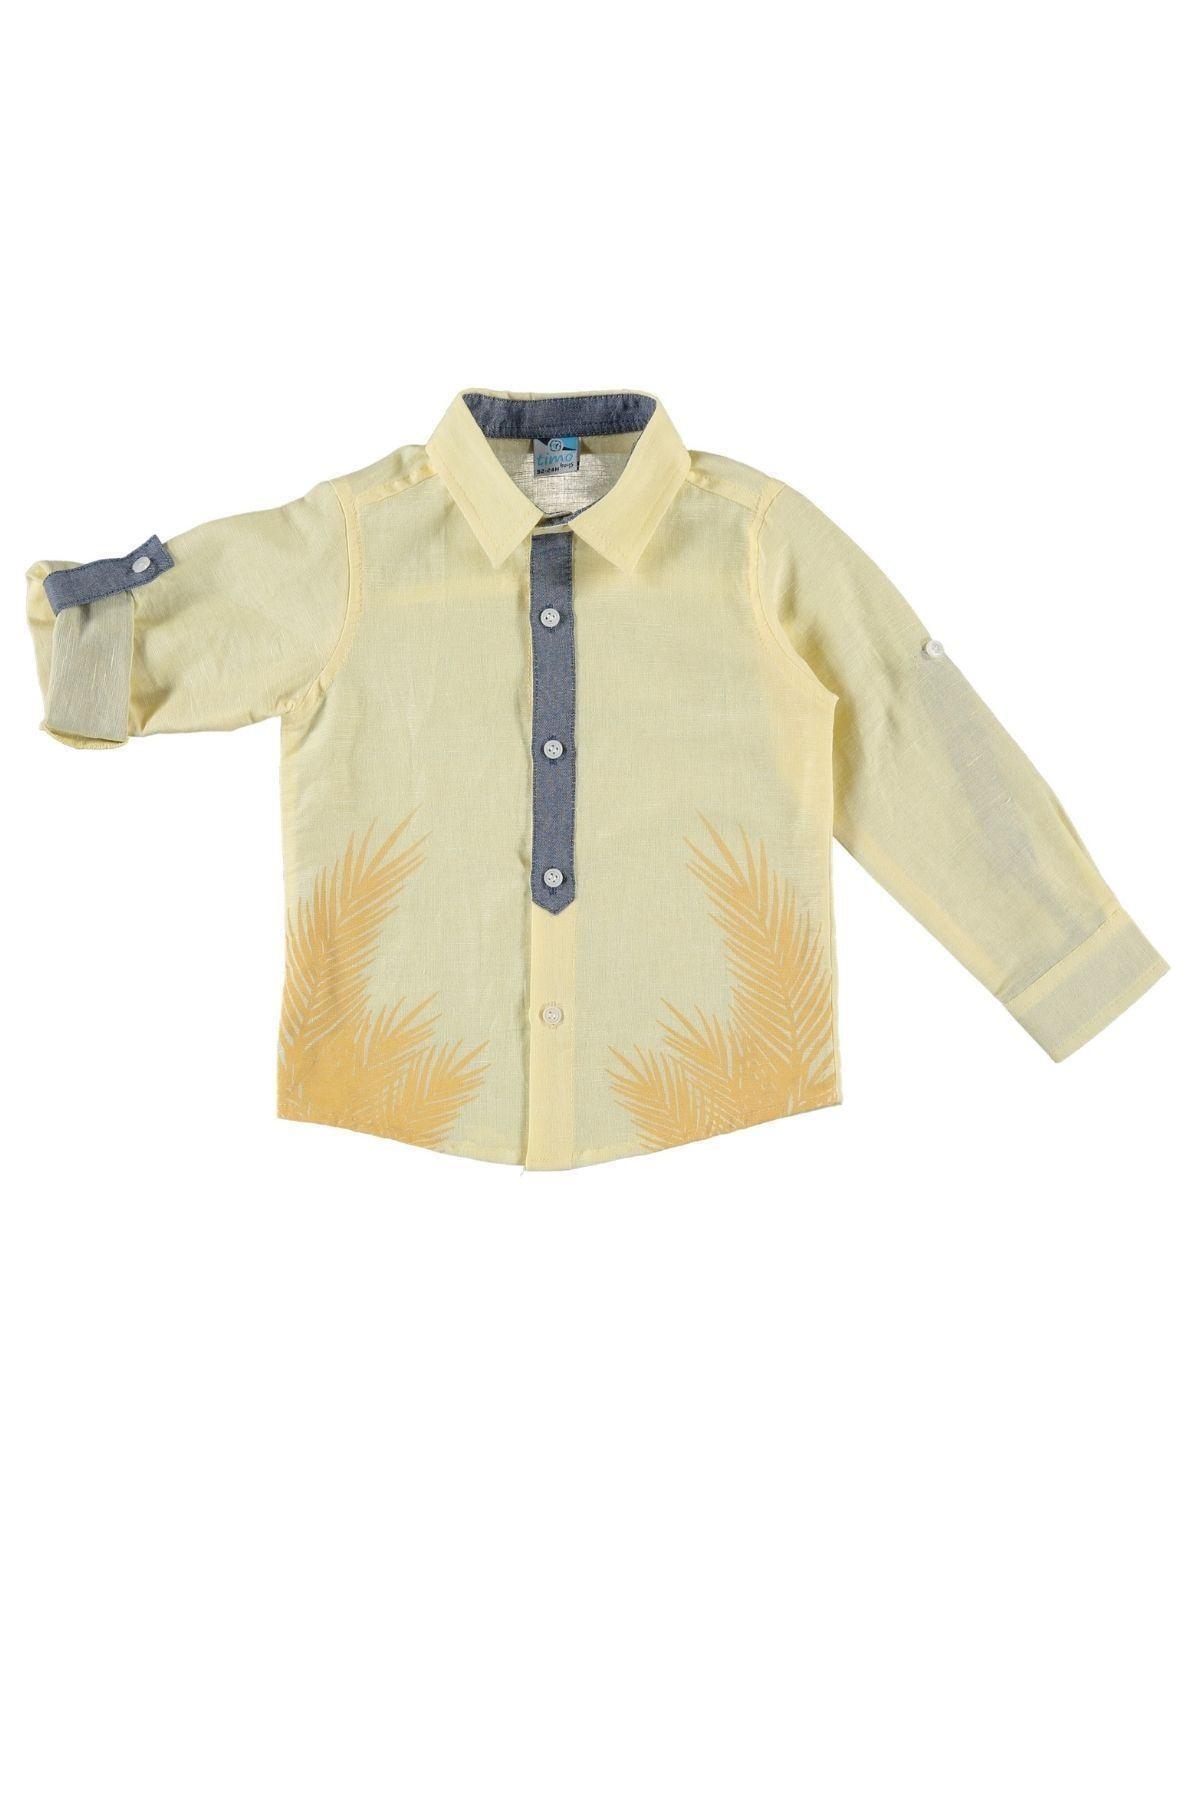 Timo U/k Yaprak Baskılı Gömlek 1